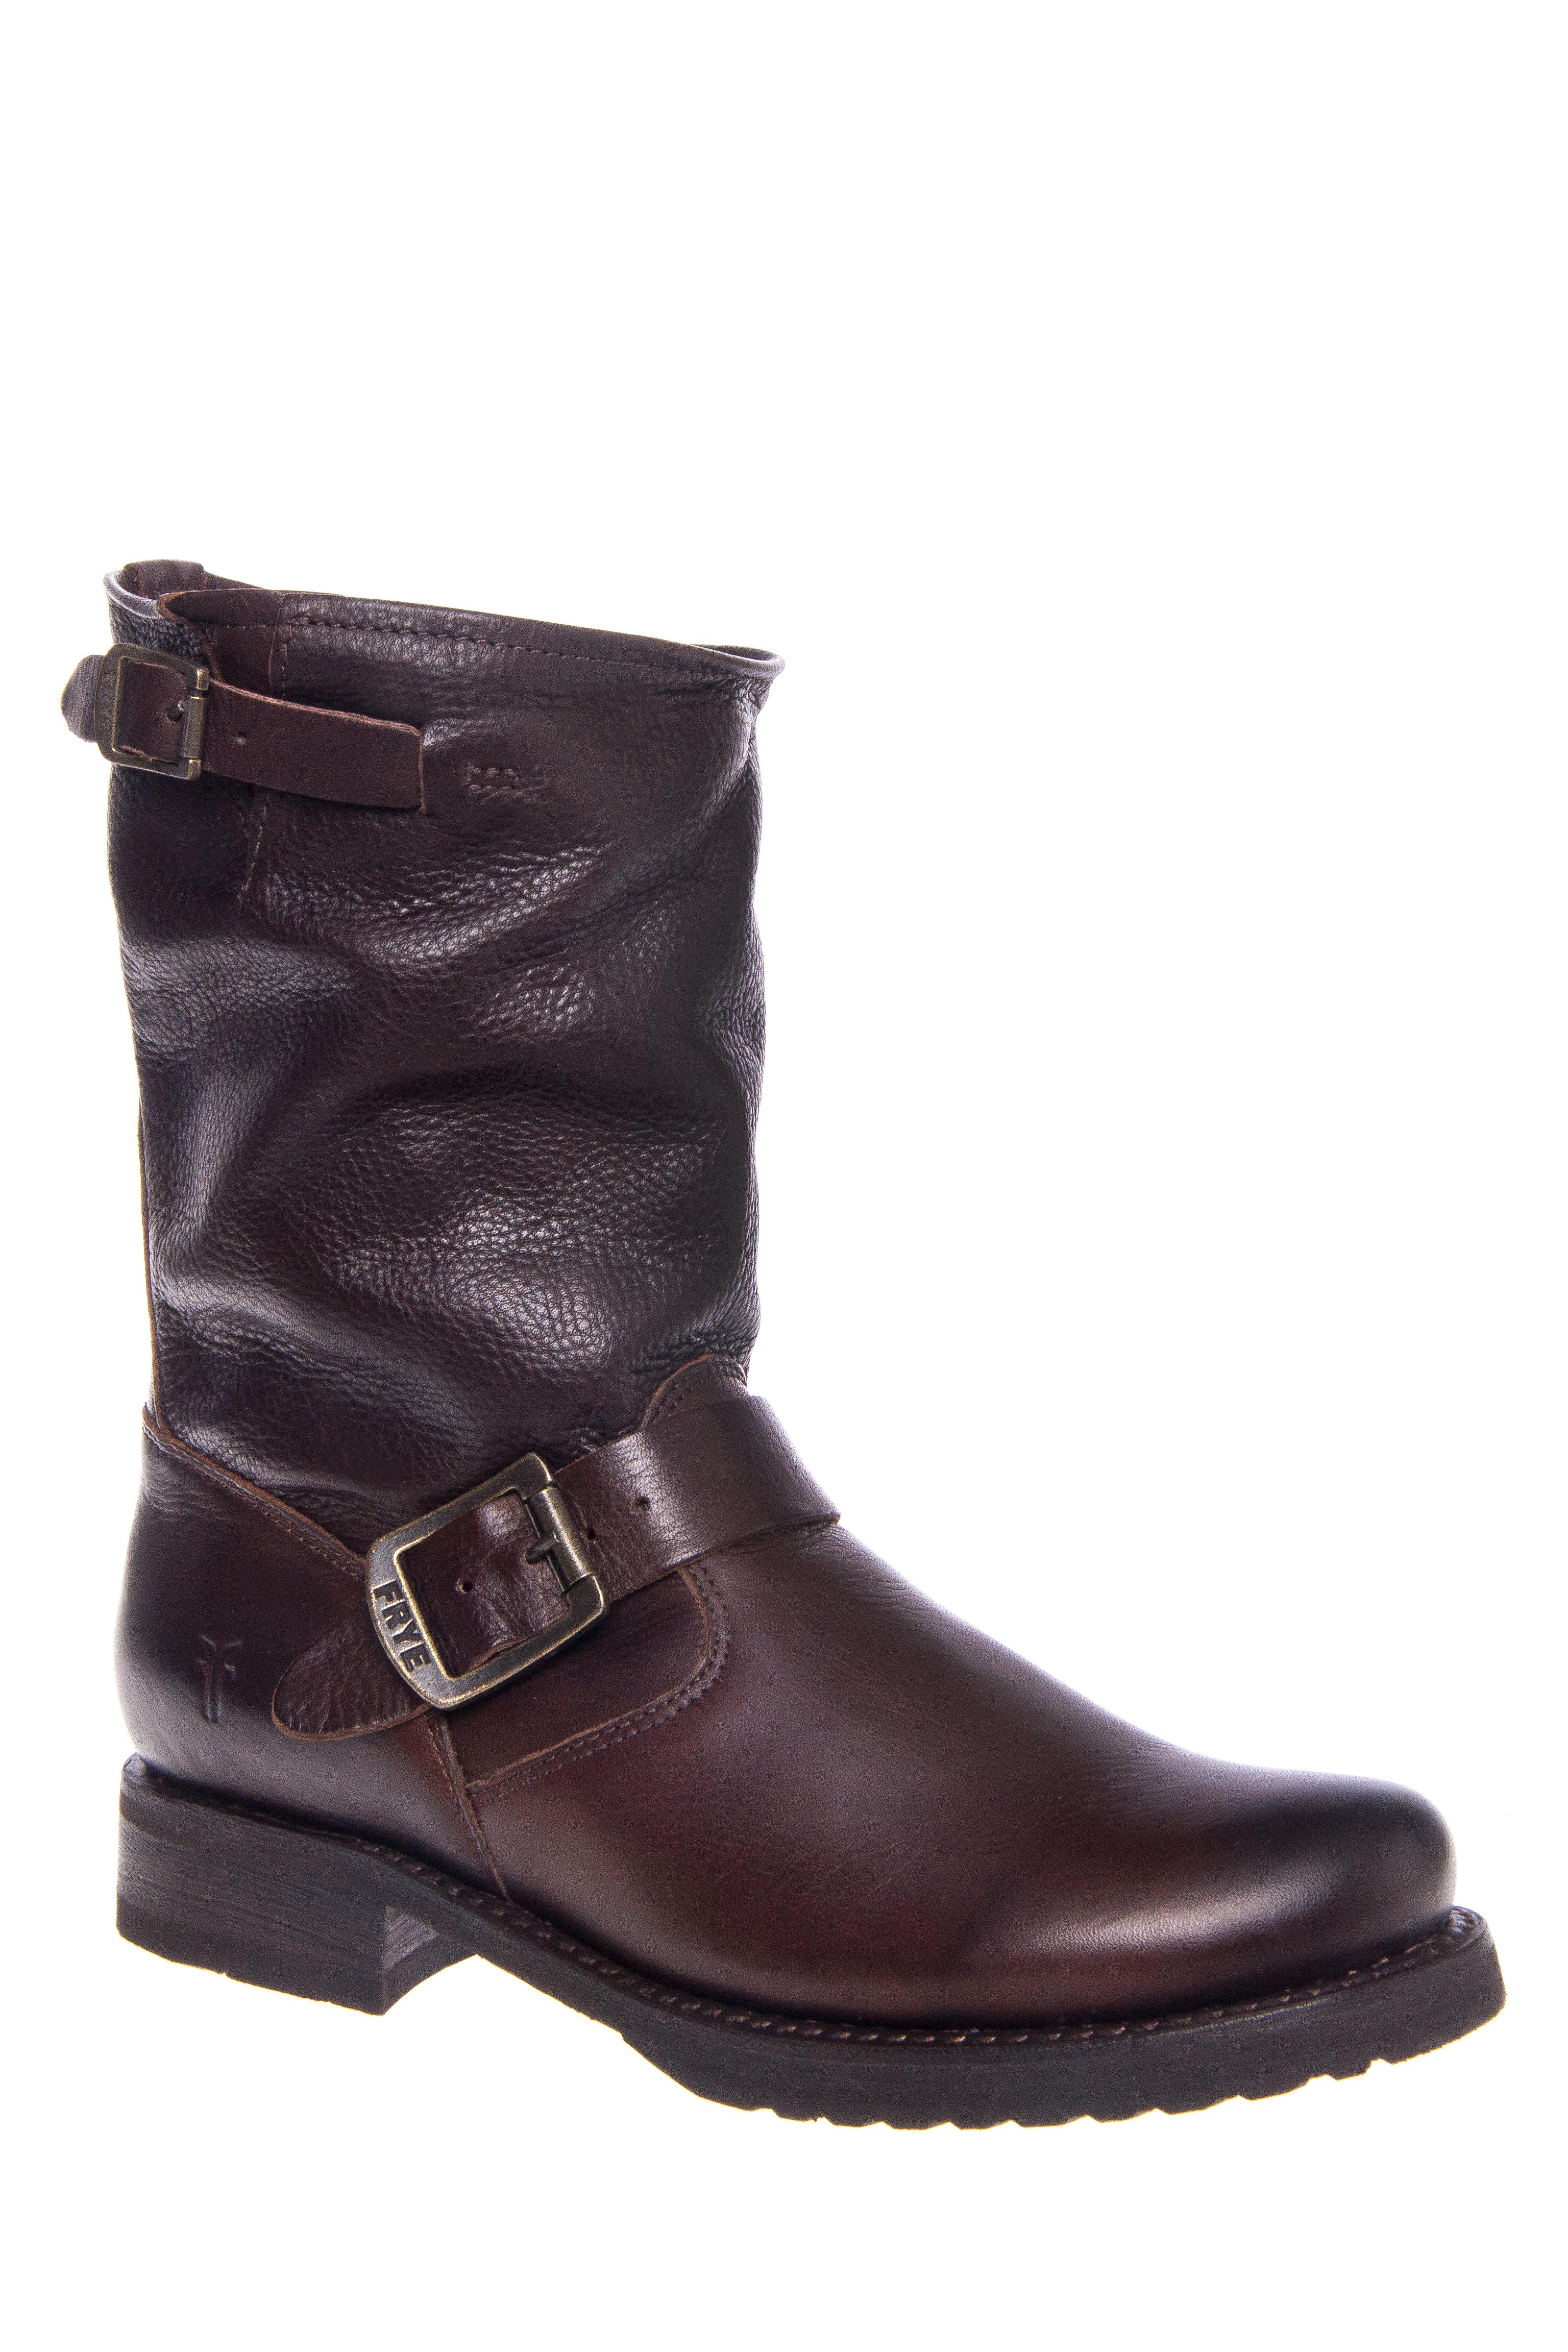 Frye Veronica Shortie Mid-Calf Boot